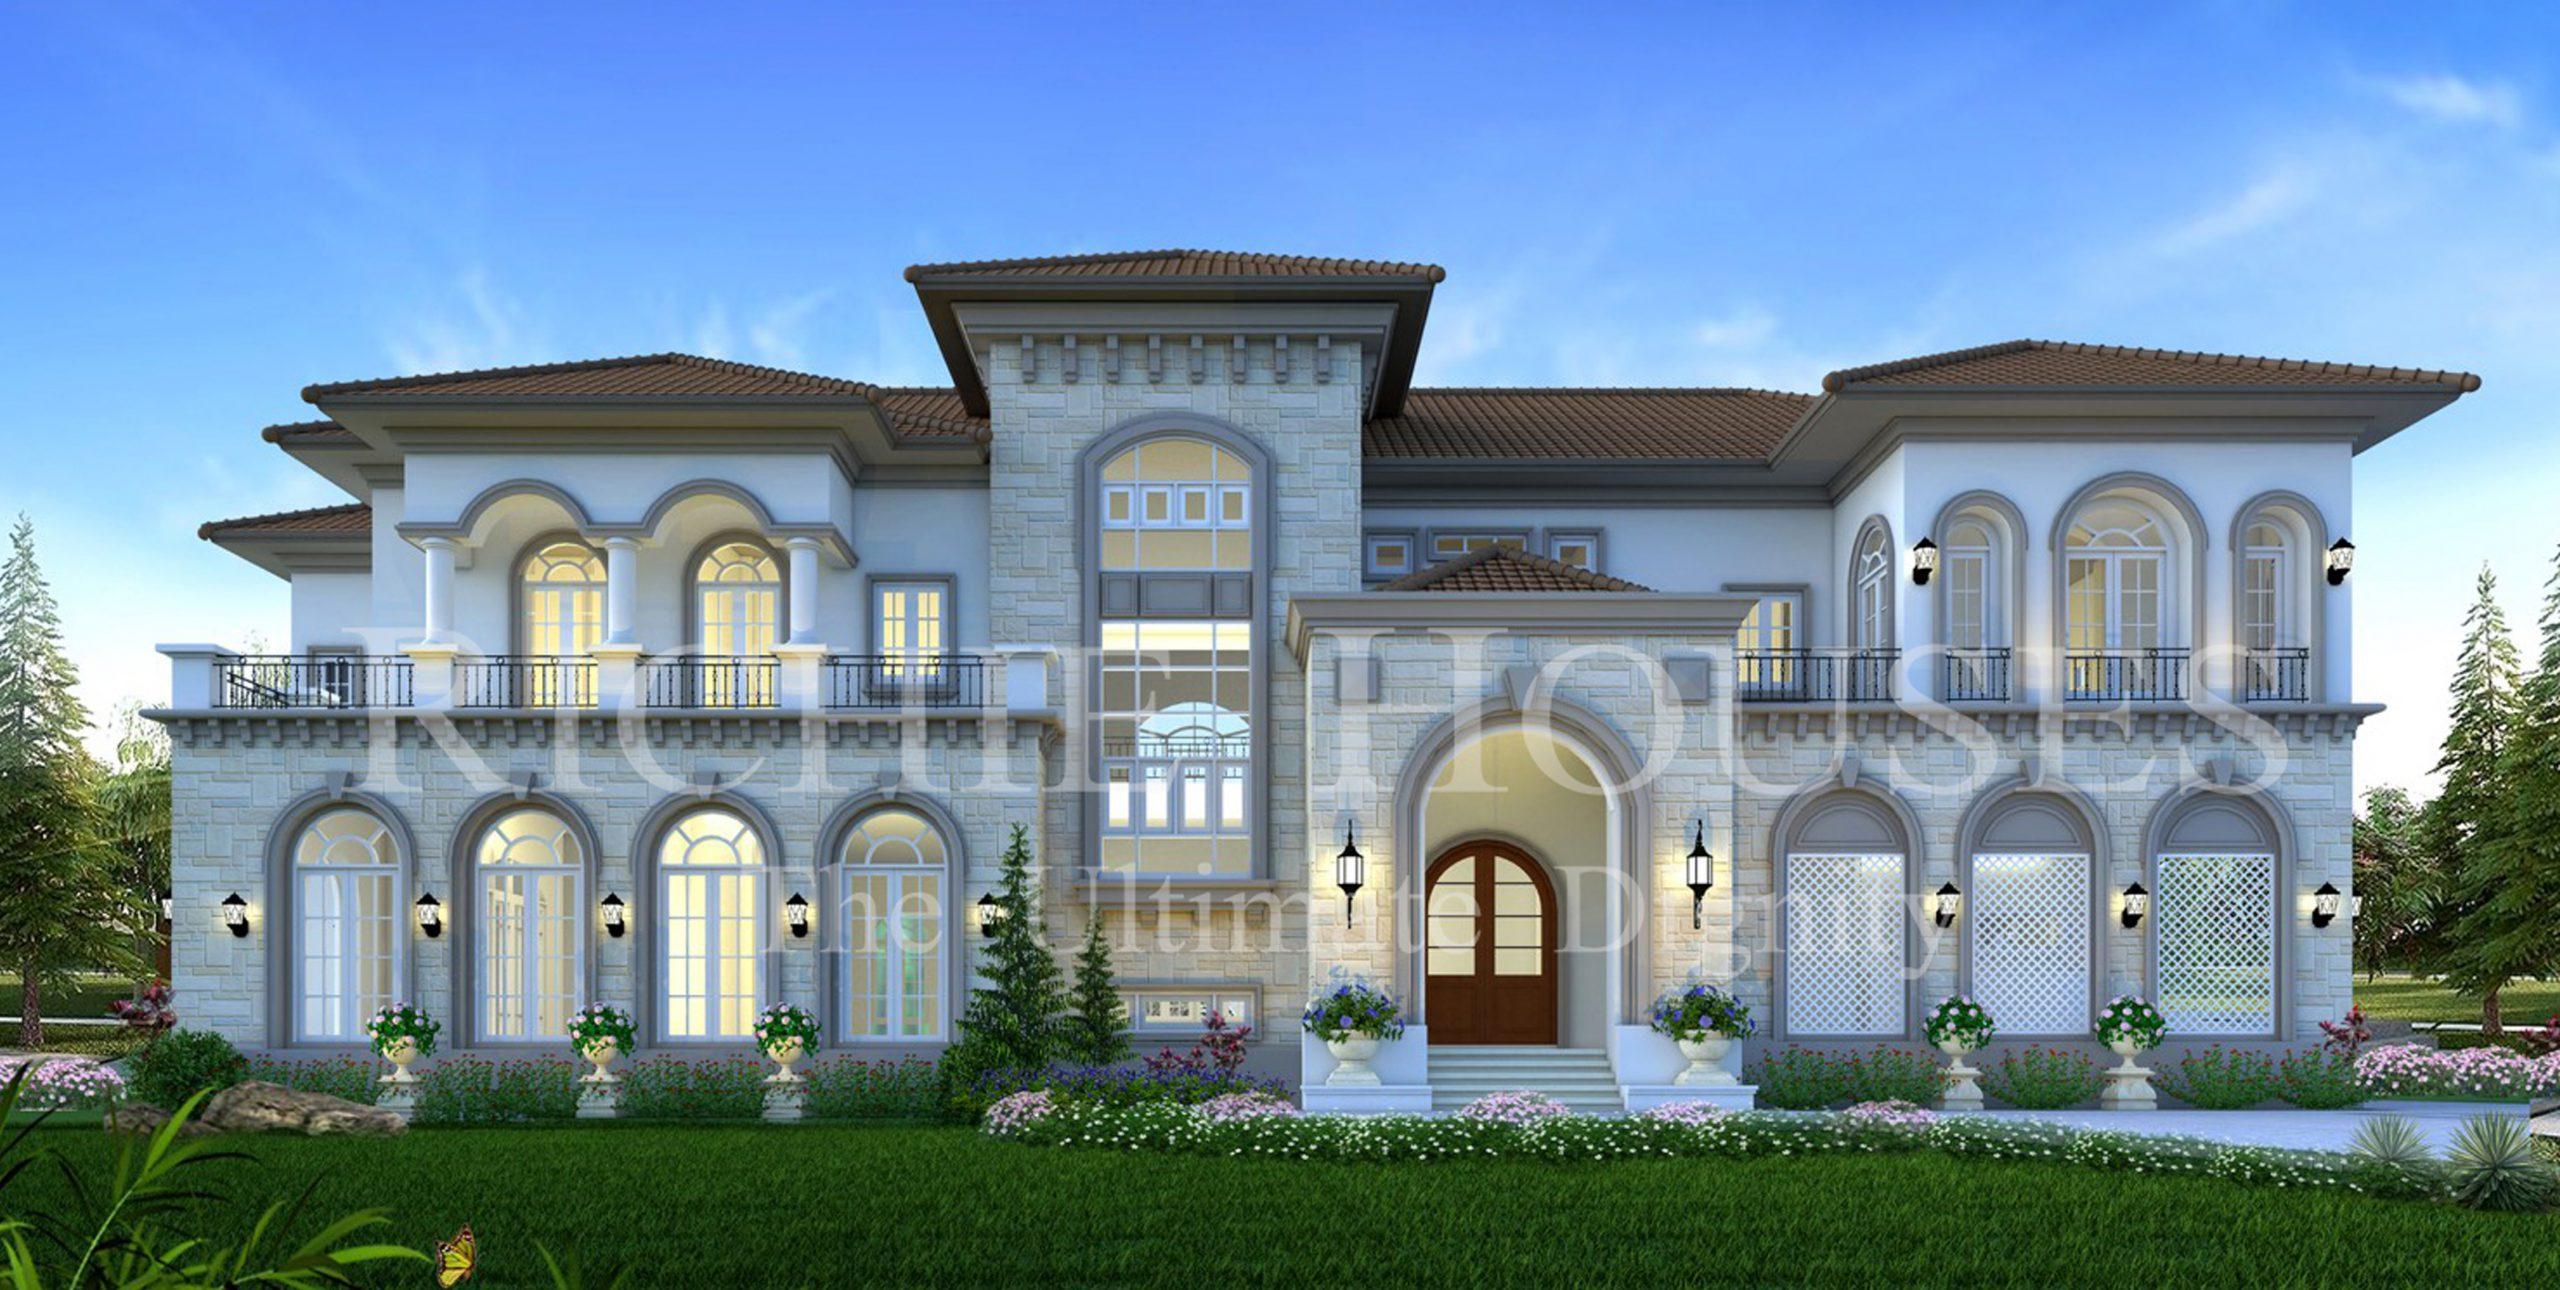 บ้านอภิญวัฒนานนท์